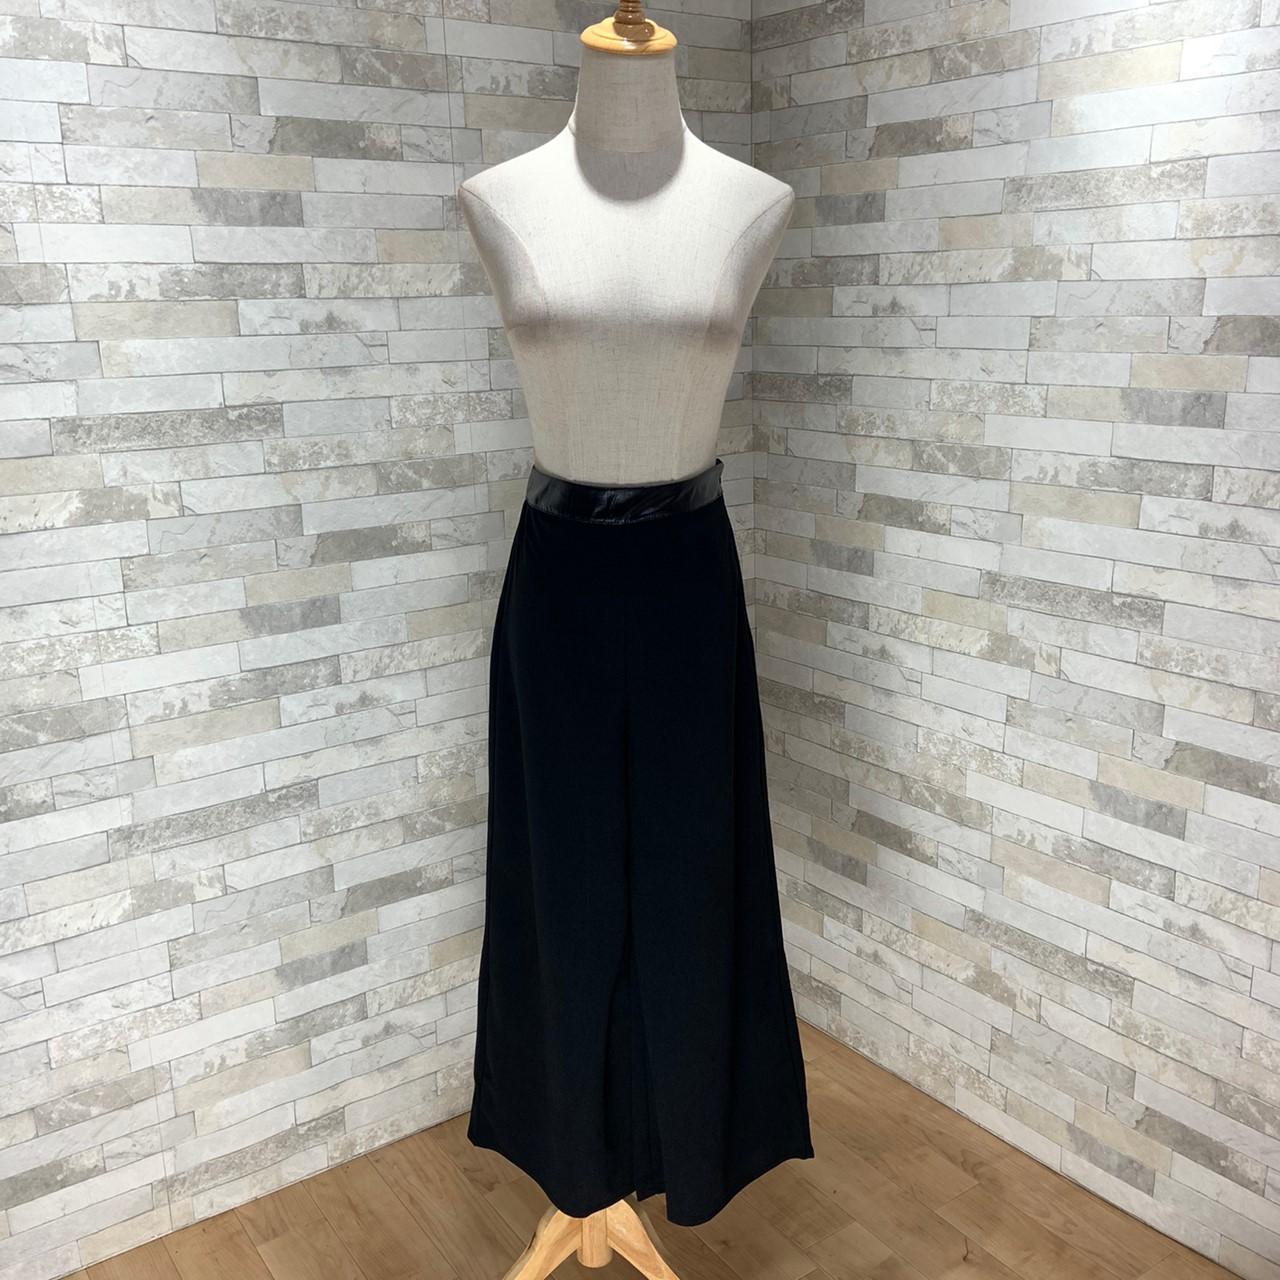 【即納】韓国 ファッション パンツ セットアップ パーティードレス 結婚式 お呼ばれドレス 秋 夏 春 パーティー ブライダル SPTX7230  エレガント シースルー ロ 二次会 セレブ きれいめの写真15枚目